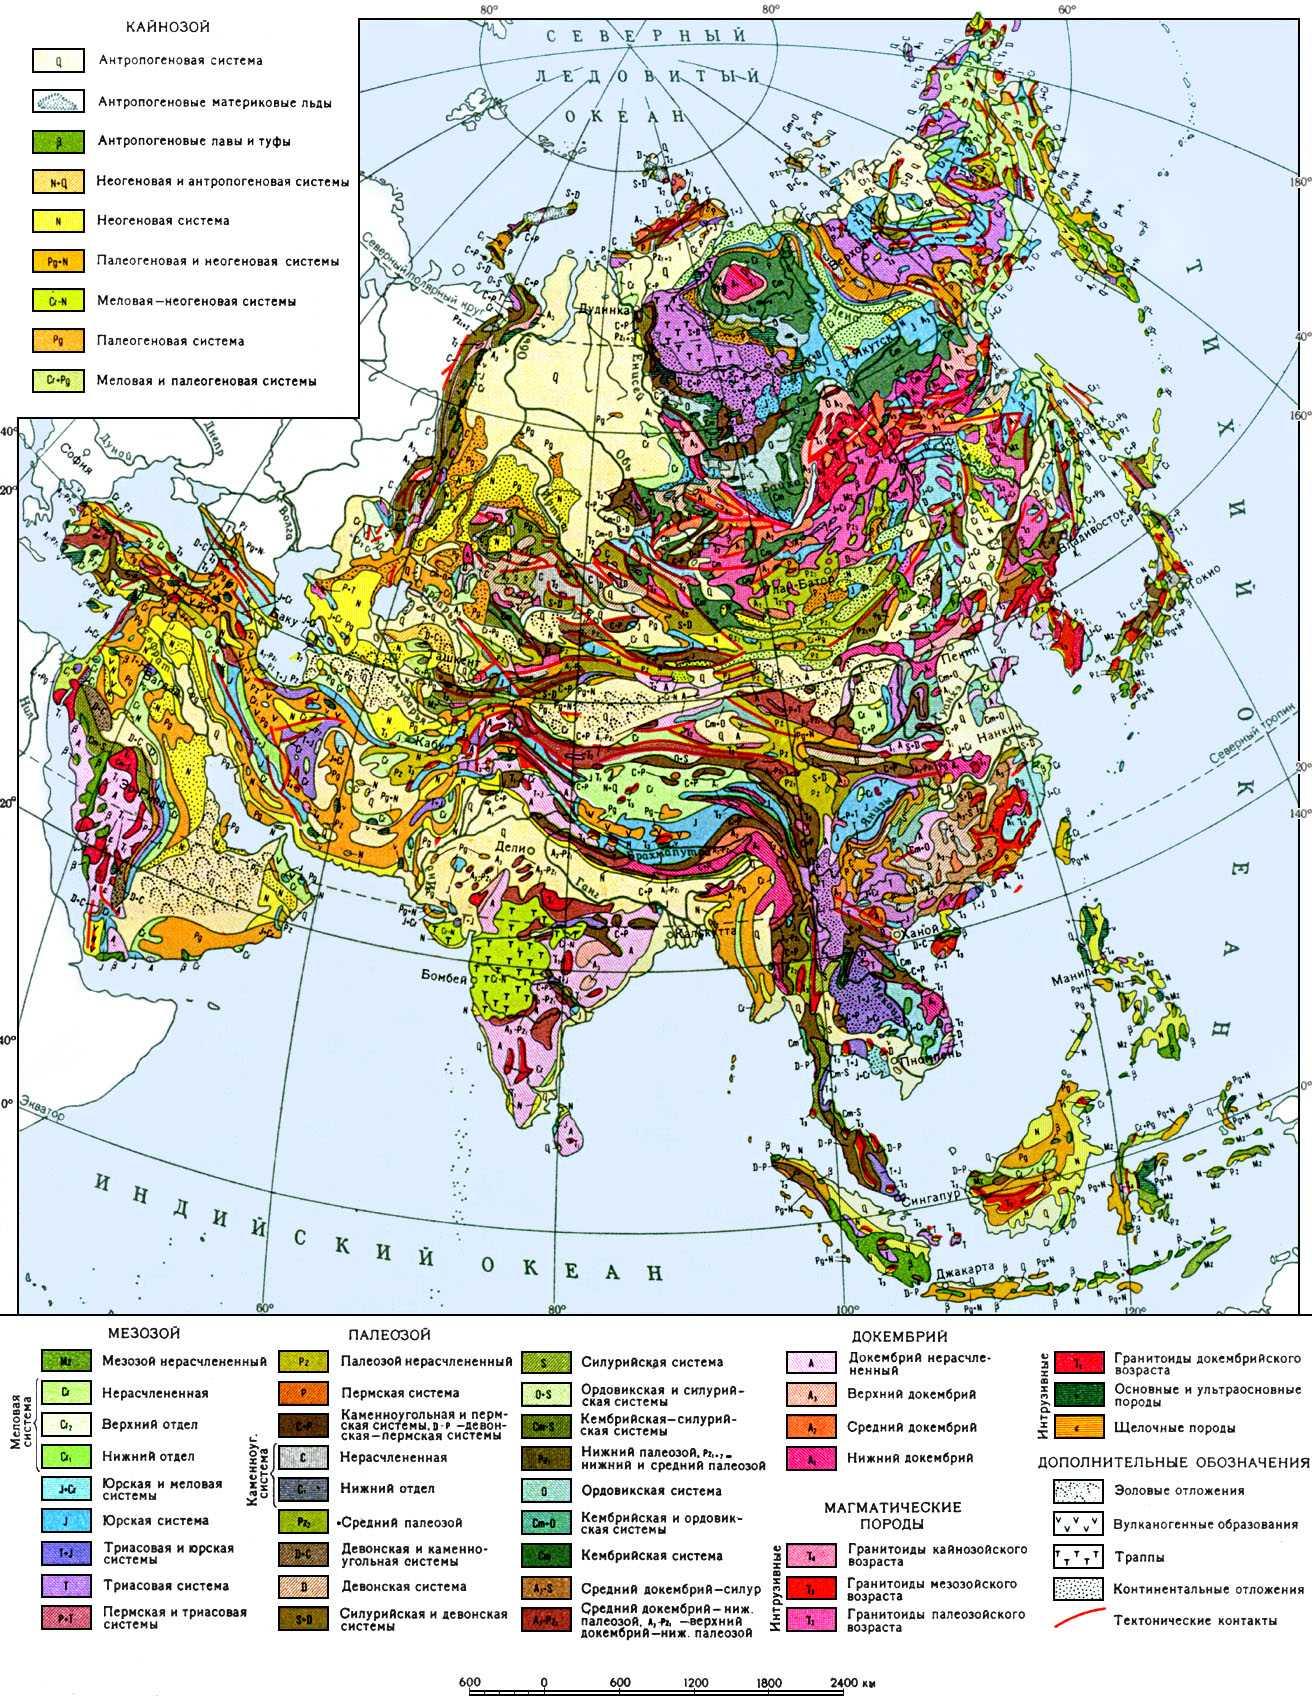 Геологічна будова